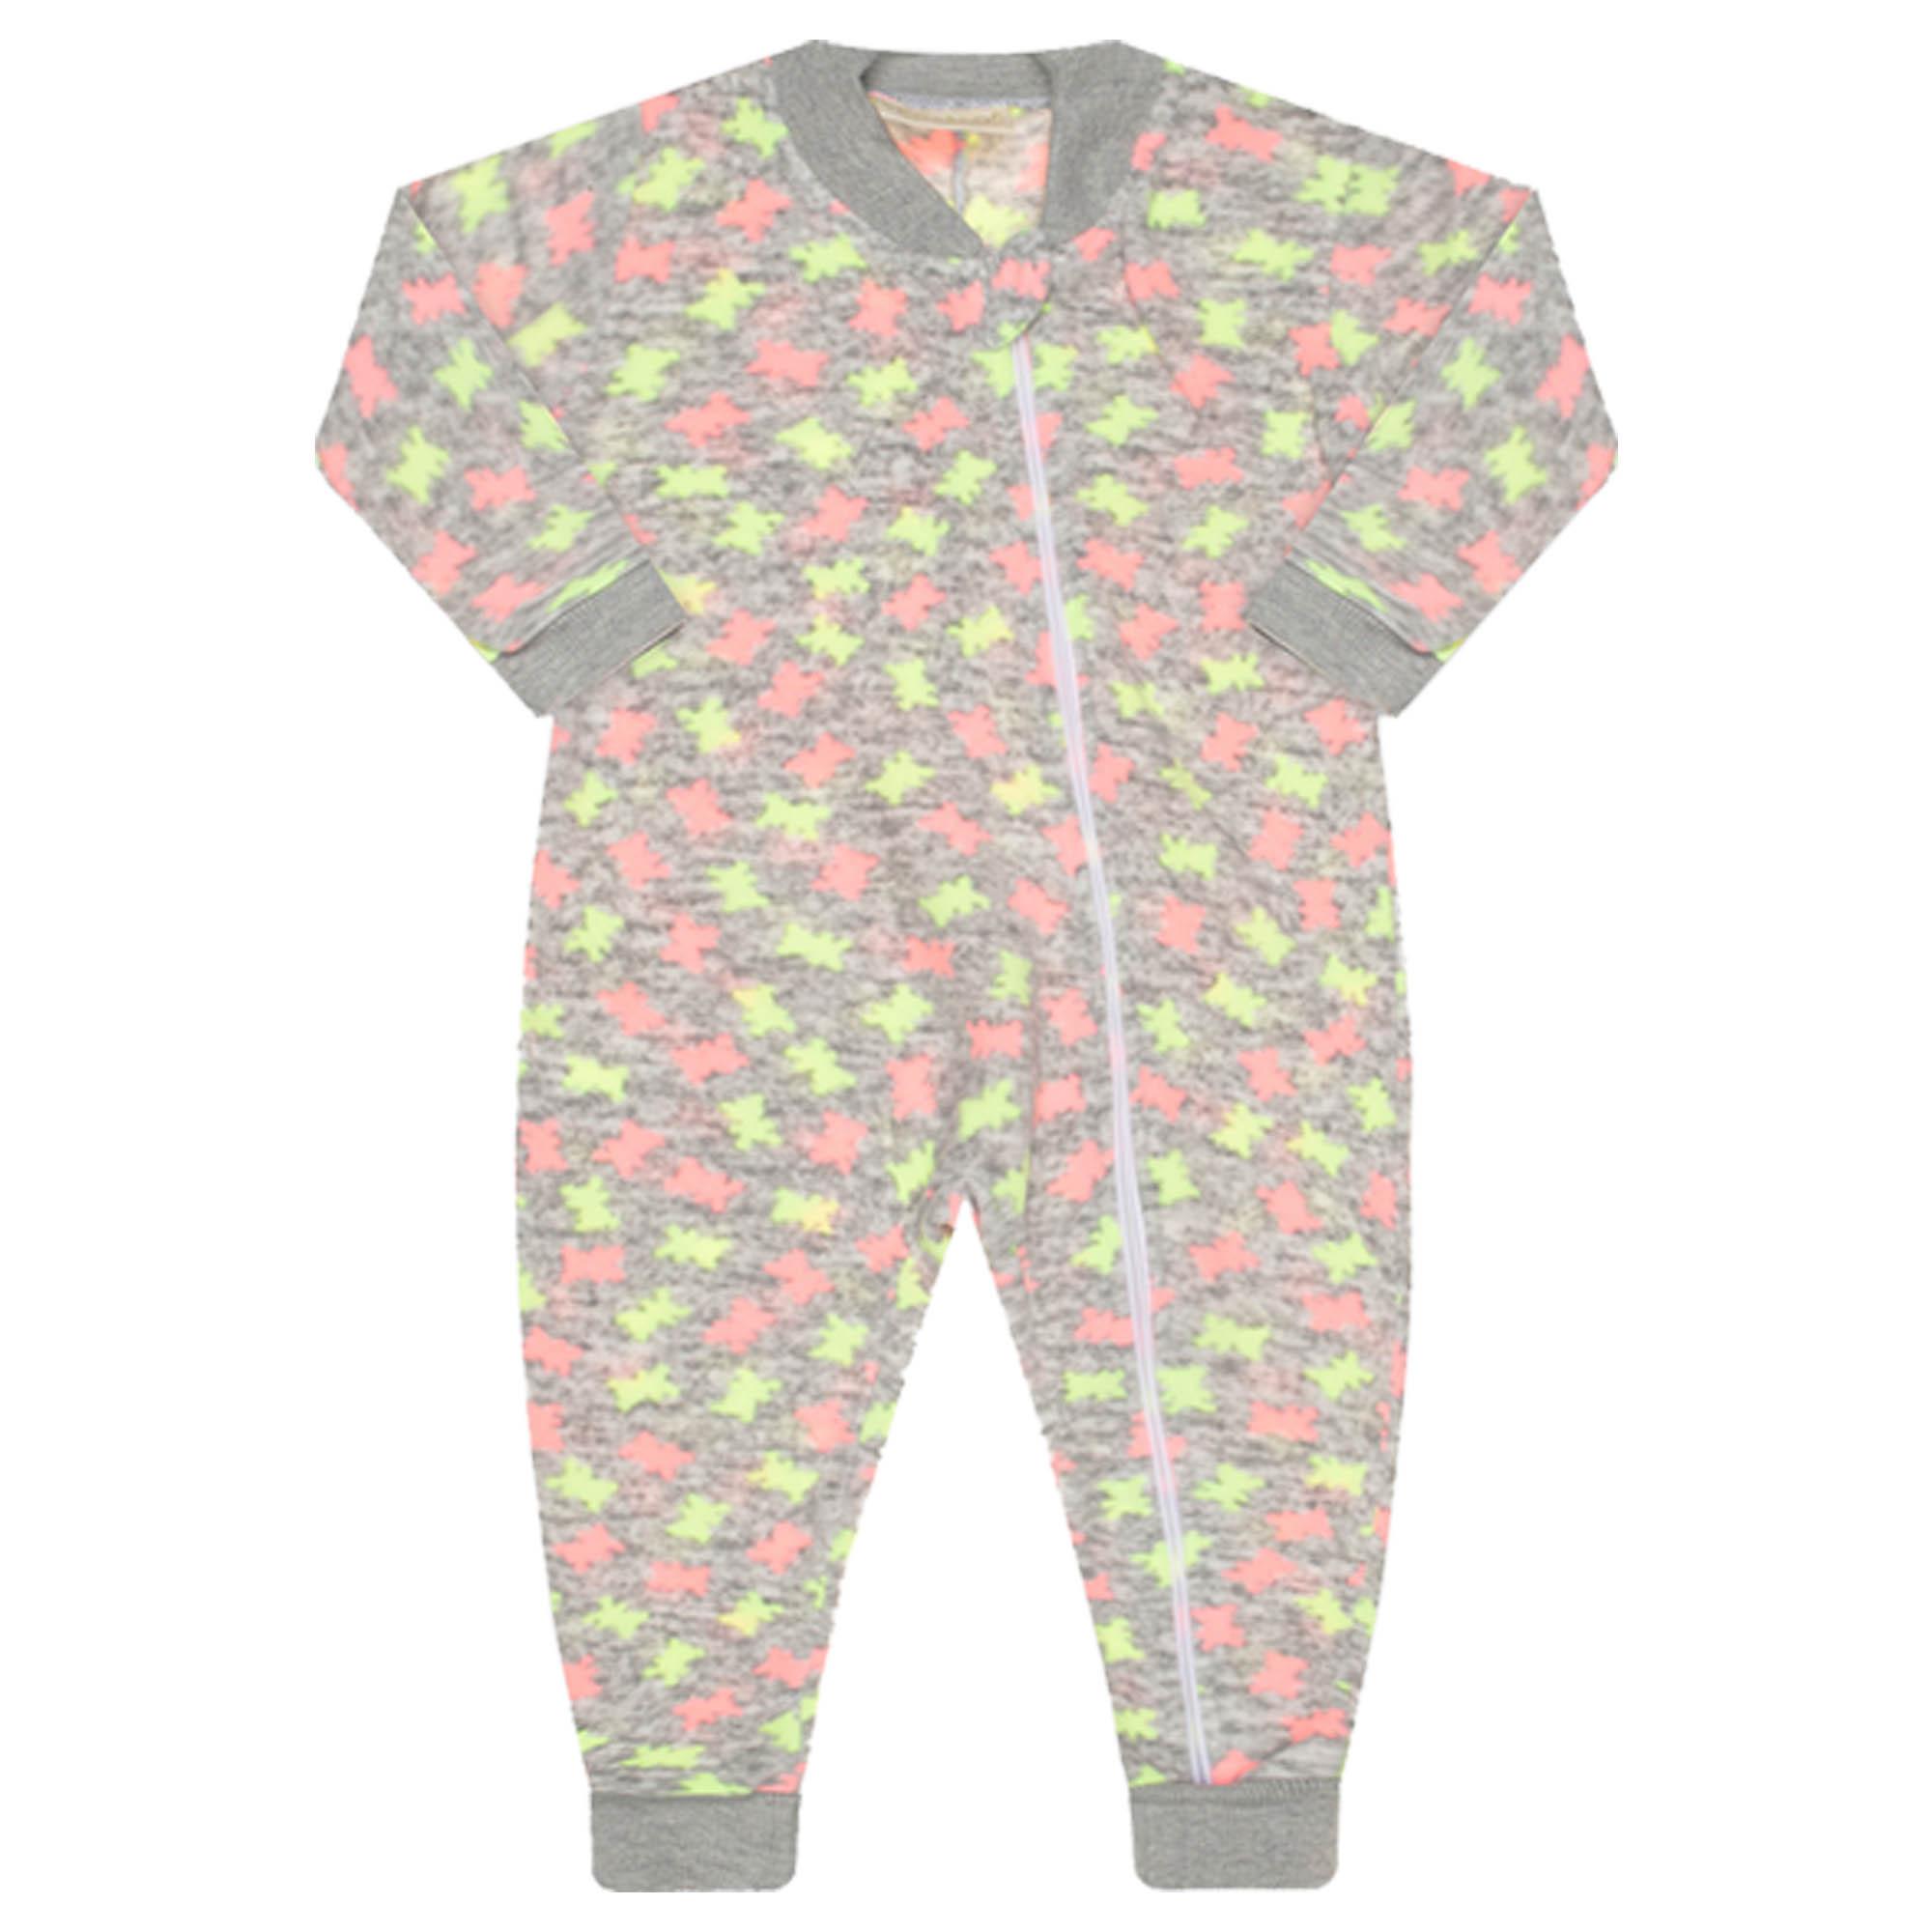 Macacão Pijama Inverno Vrasalon Soft Ursinhos Neon - 01 ao 03